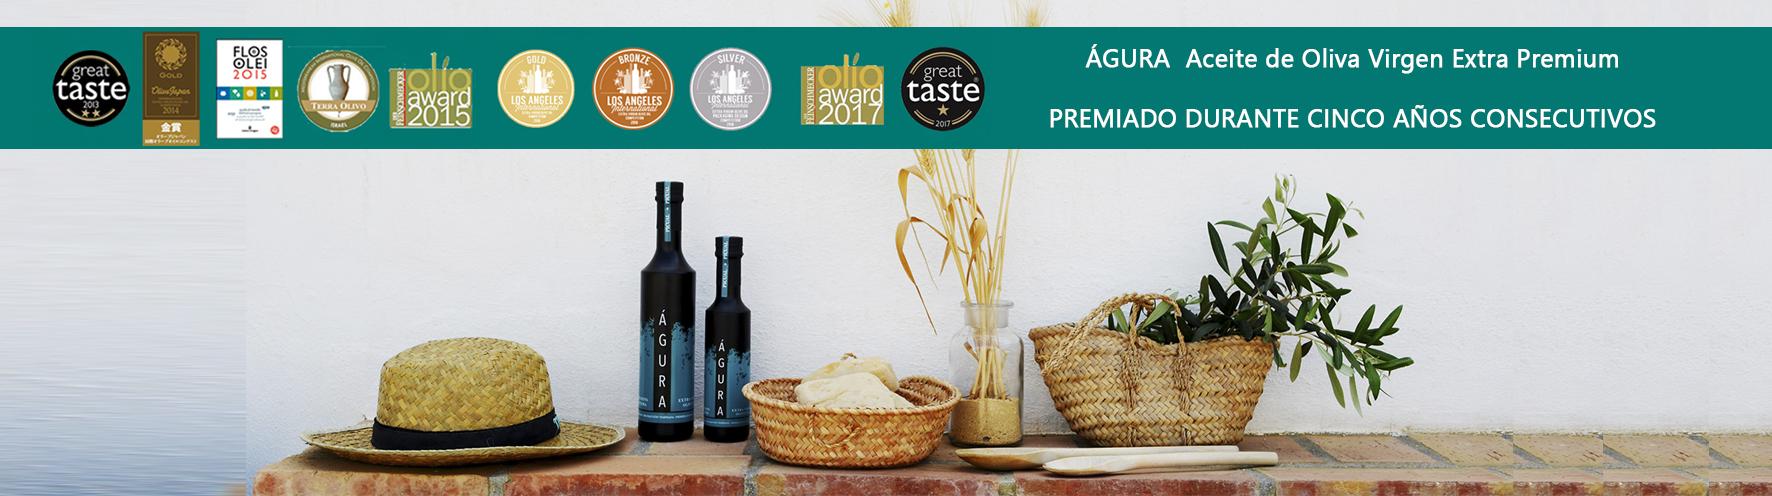 aceite de oliva virgen extra águra picual artesano